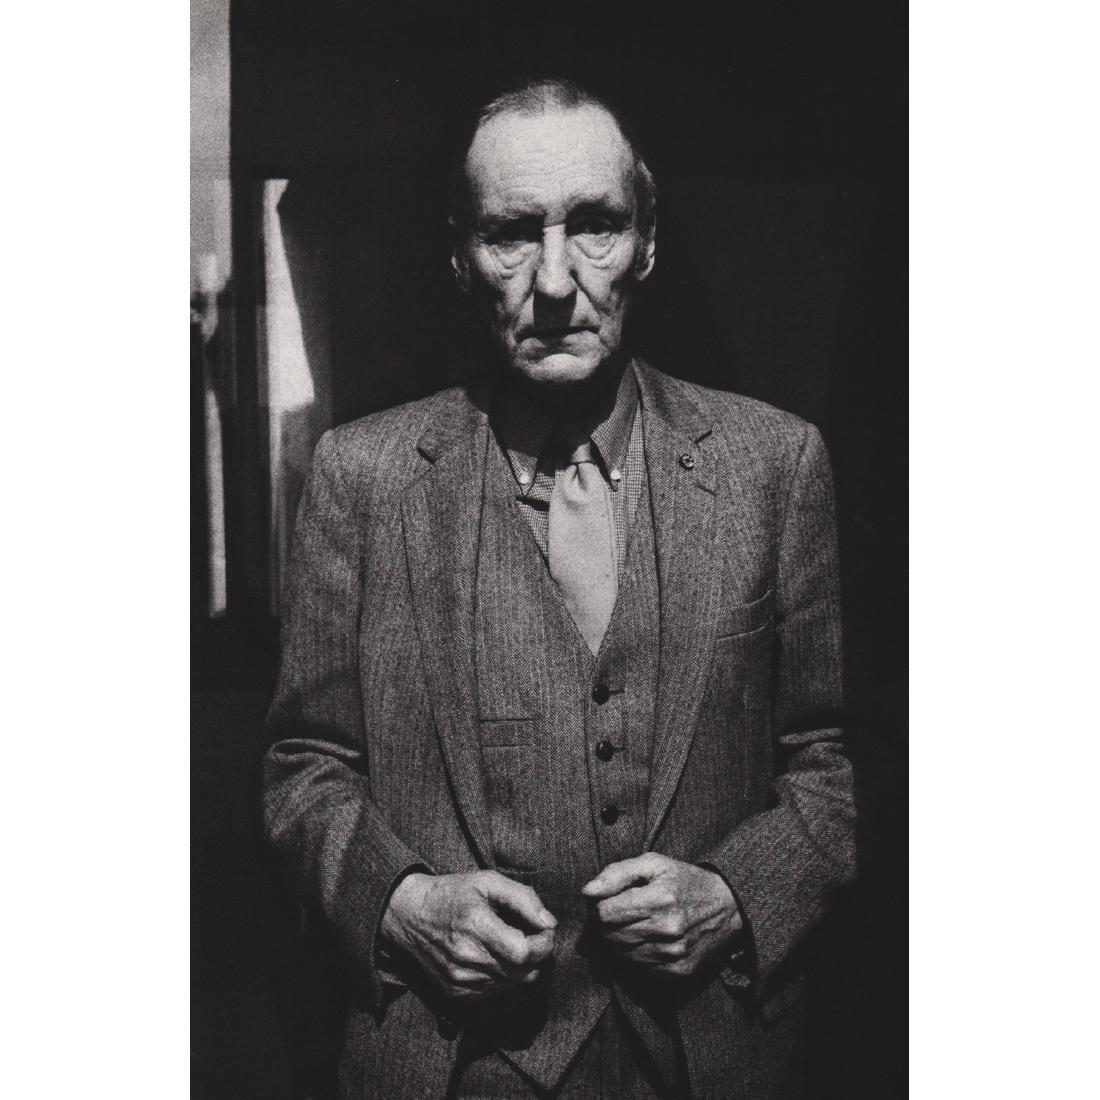 ALICE SPRINGS - William Burroughs